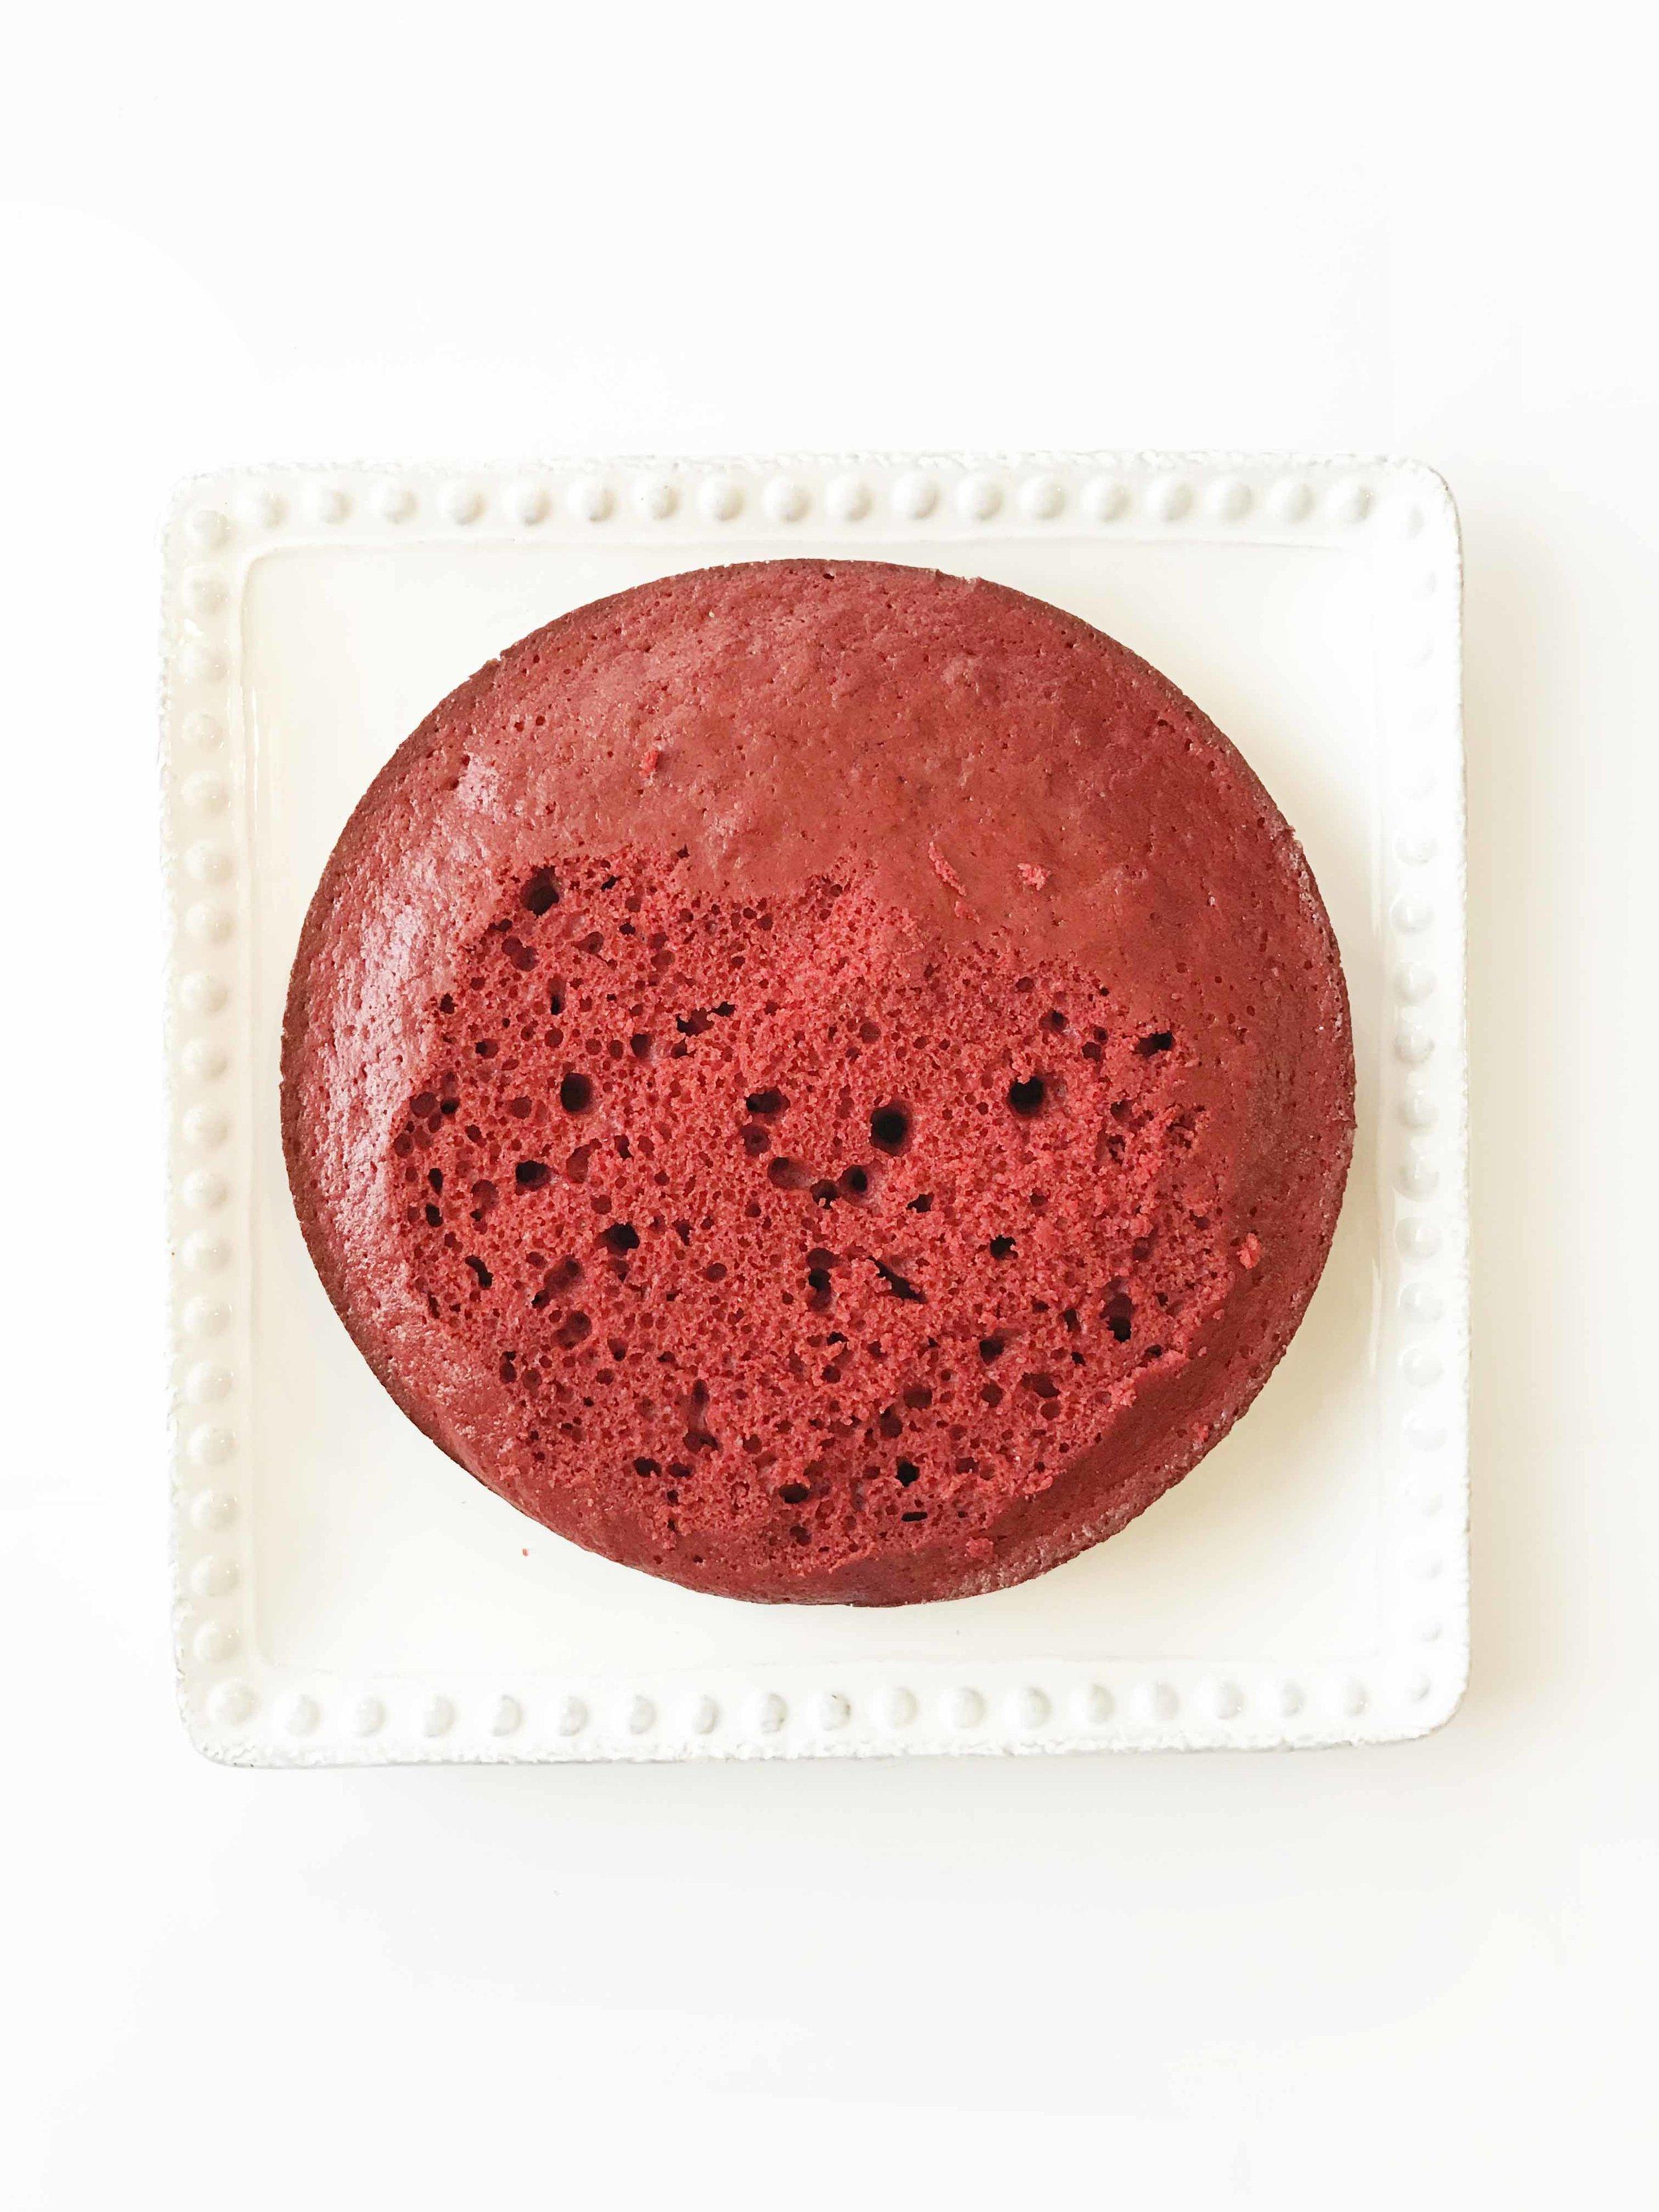 red-velvet-cake11.jpg